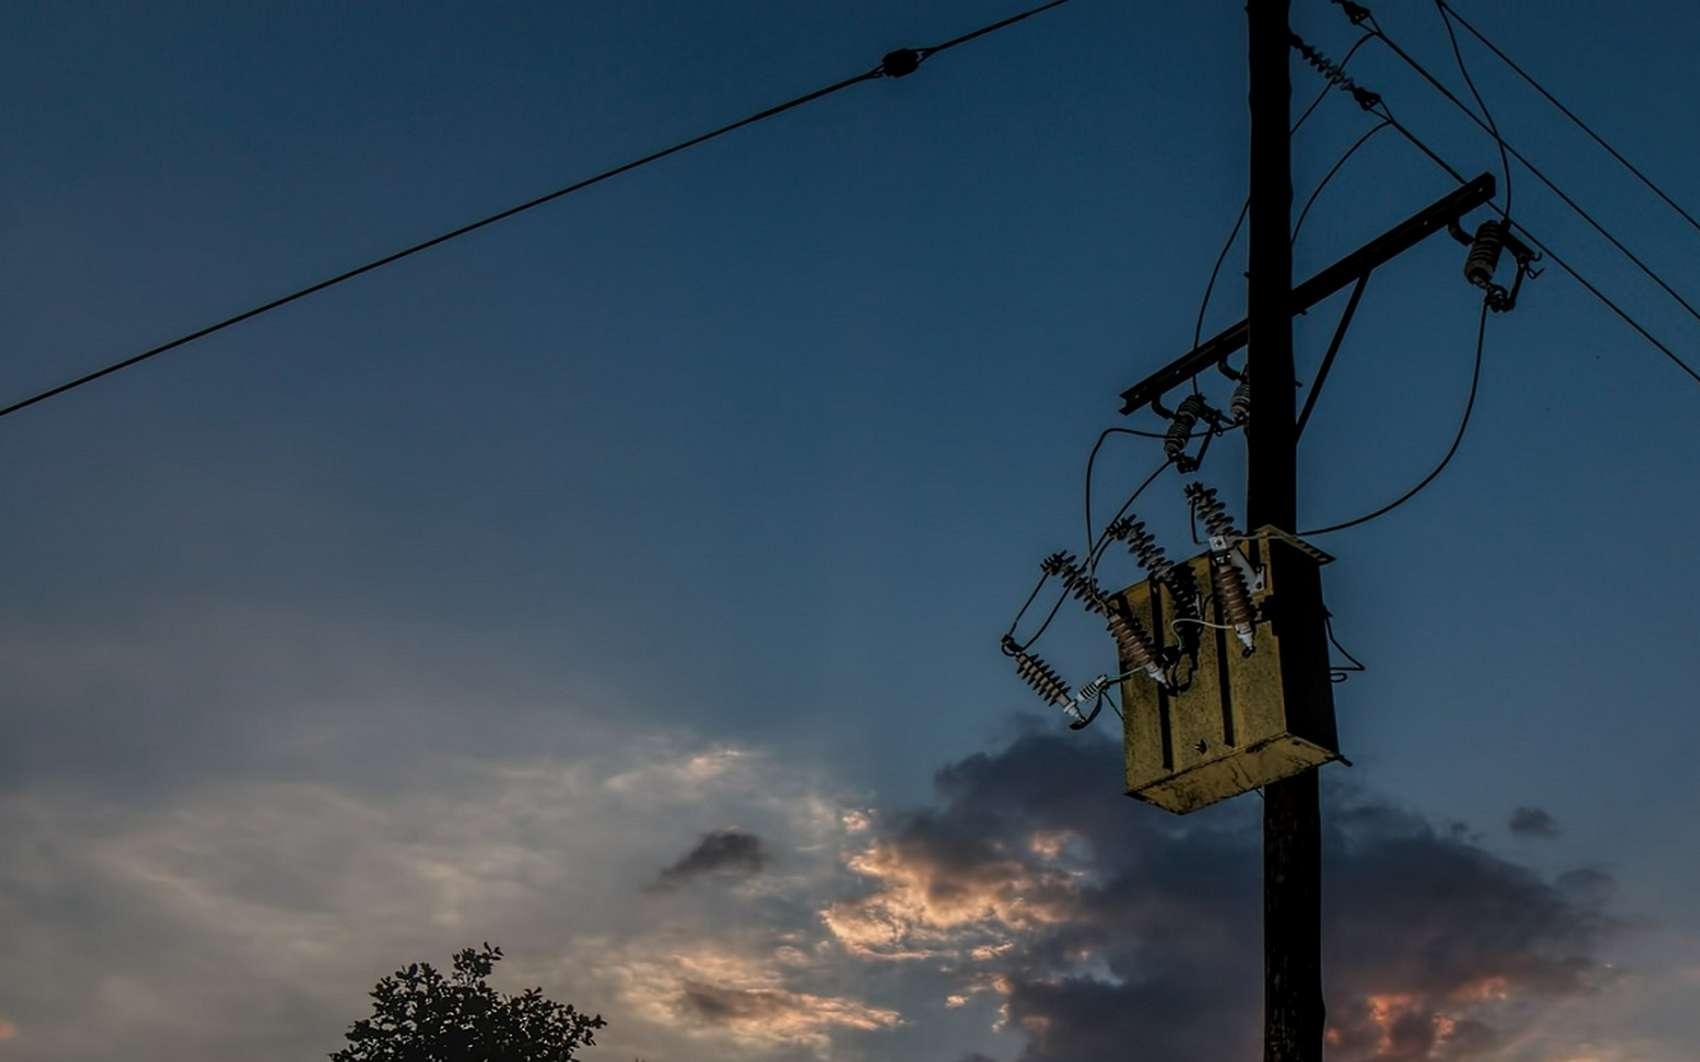 Un transformateur électrique est une machine électrique permettant de modifier les valeurs de tension et d'intensité du courant délivrées par une source d'énergie électrique alternative © stevepb, Pixabay